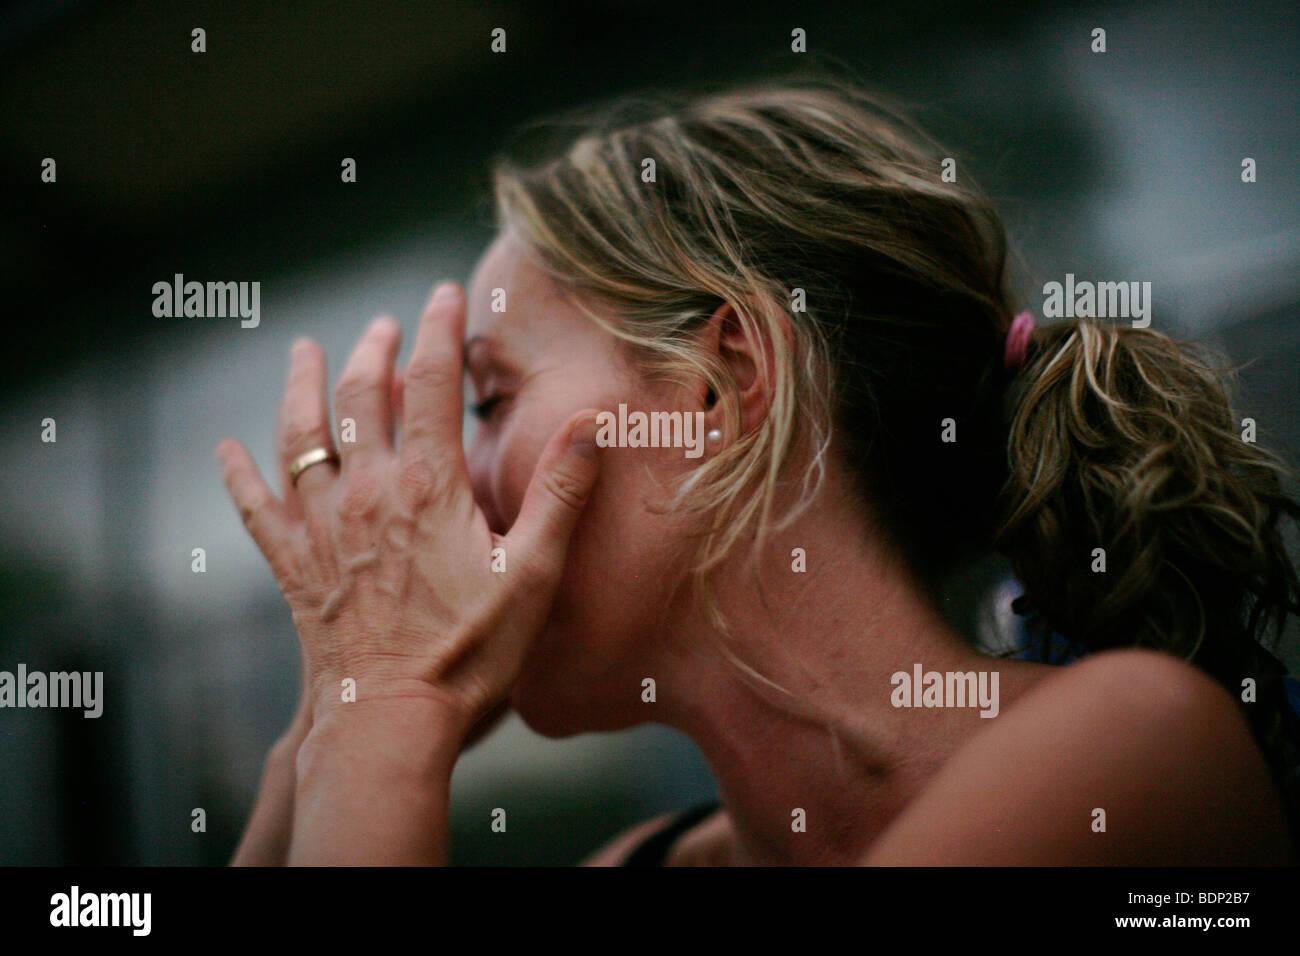 Vista laterale della giovane donna che copre il volto Immagini Stock